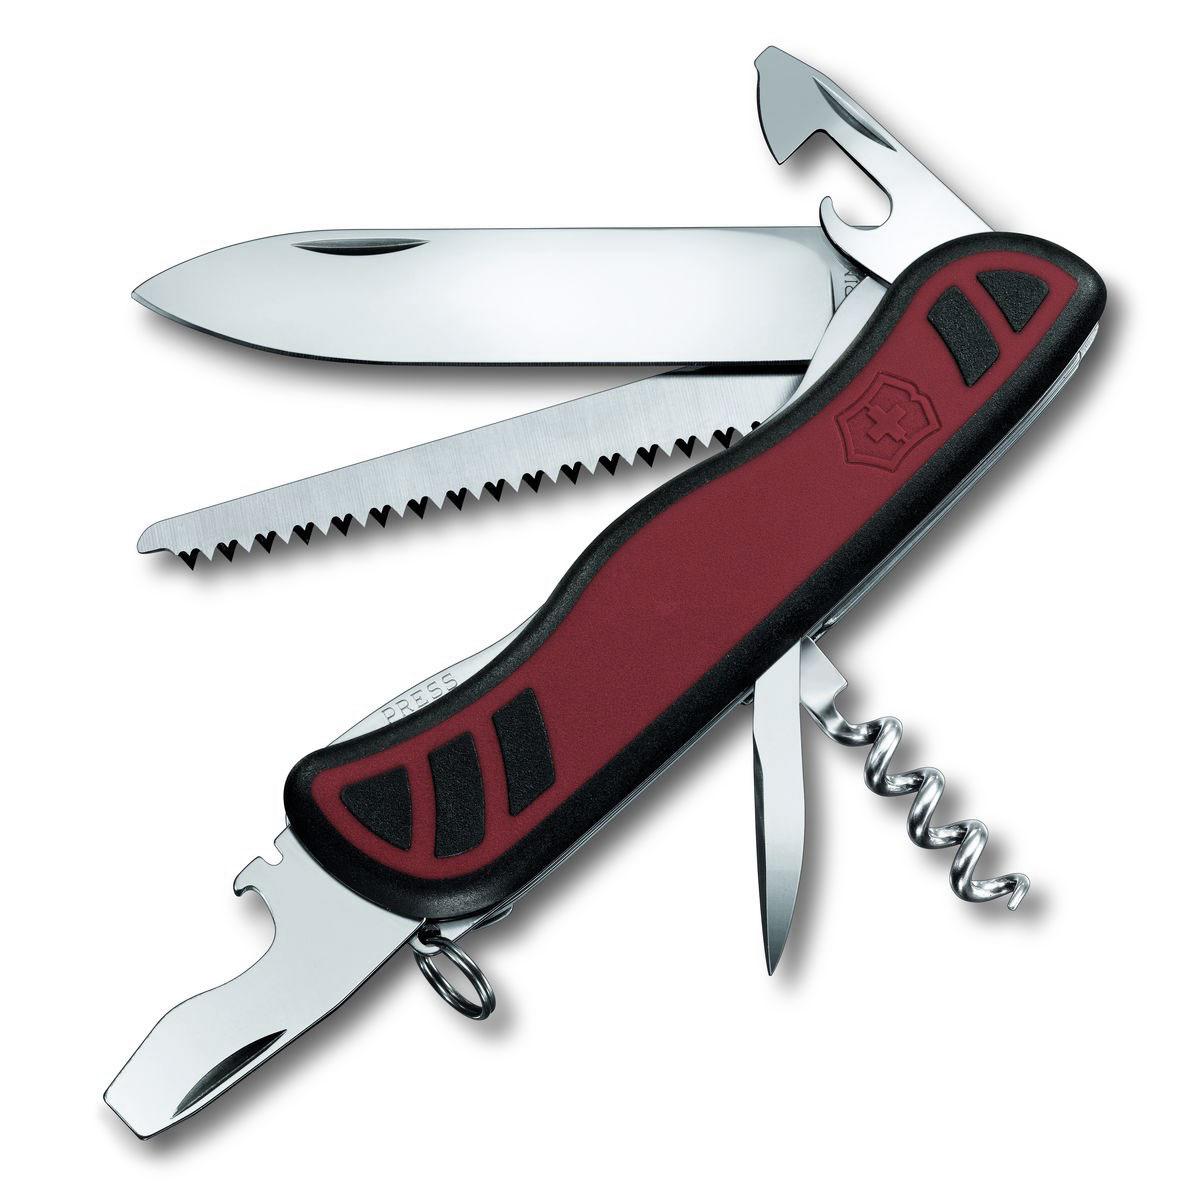 Нож перочинный Victorinox Forester, цвет: красный, черный, 10 функций, 11,1 см0.8361.CЛезвие перочинного складного ножа Victorinox Forester изготовлено из высококачественной нержавеющей стали. Ручка, выполненная из прочного пластика с резиновыми вставками, обеспечивает надежный и удобный хват.Хорошее качество, надежный долговечный материал и эргономичная рукоятка - что может быть удобнее на природе или на пикнике!Функции ножа:Фиксирующееся лезвие.Штопор.Консервный нож с малой отверткой.Фиксирующаяся открывалка для бутылок с отверткой и инструментом для снятия изоляции.Шило, кернер.Кольцо для ключей.Пила по дереву.Длина ножа в сложенном виде: 11,1 см.Длина ножа в разложенном виде: 19,5 см.